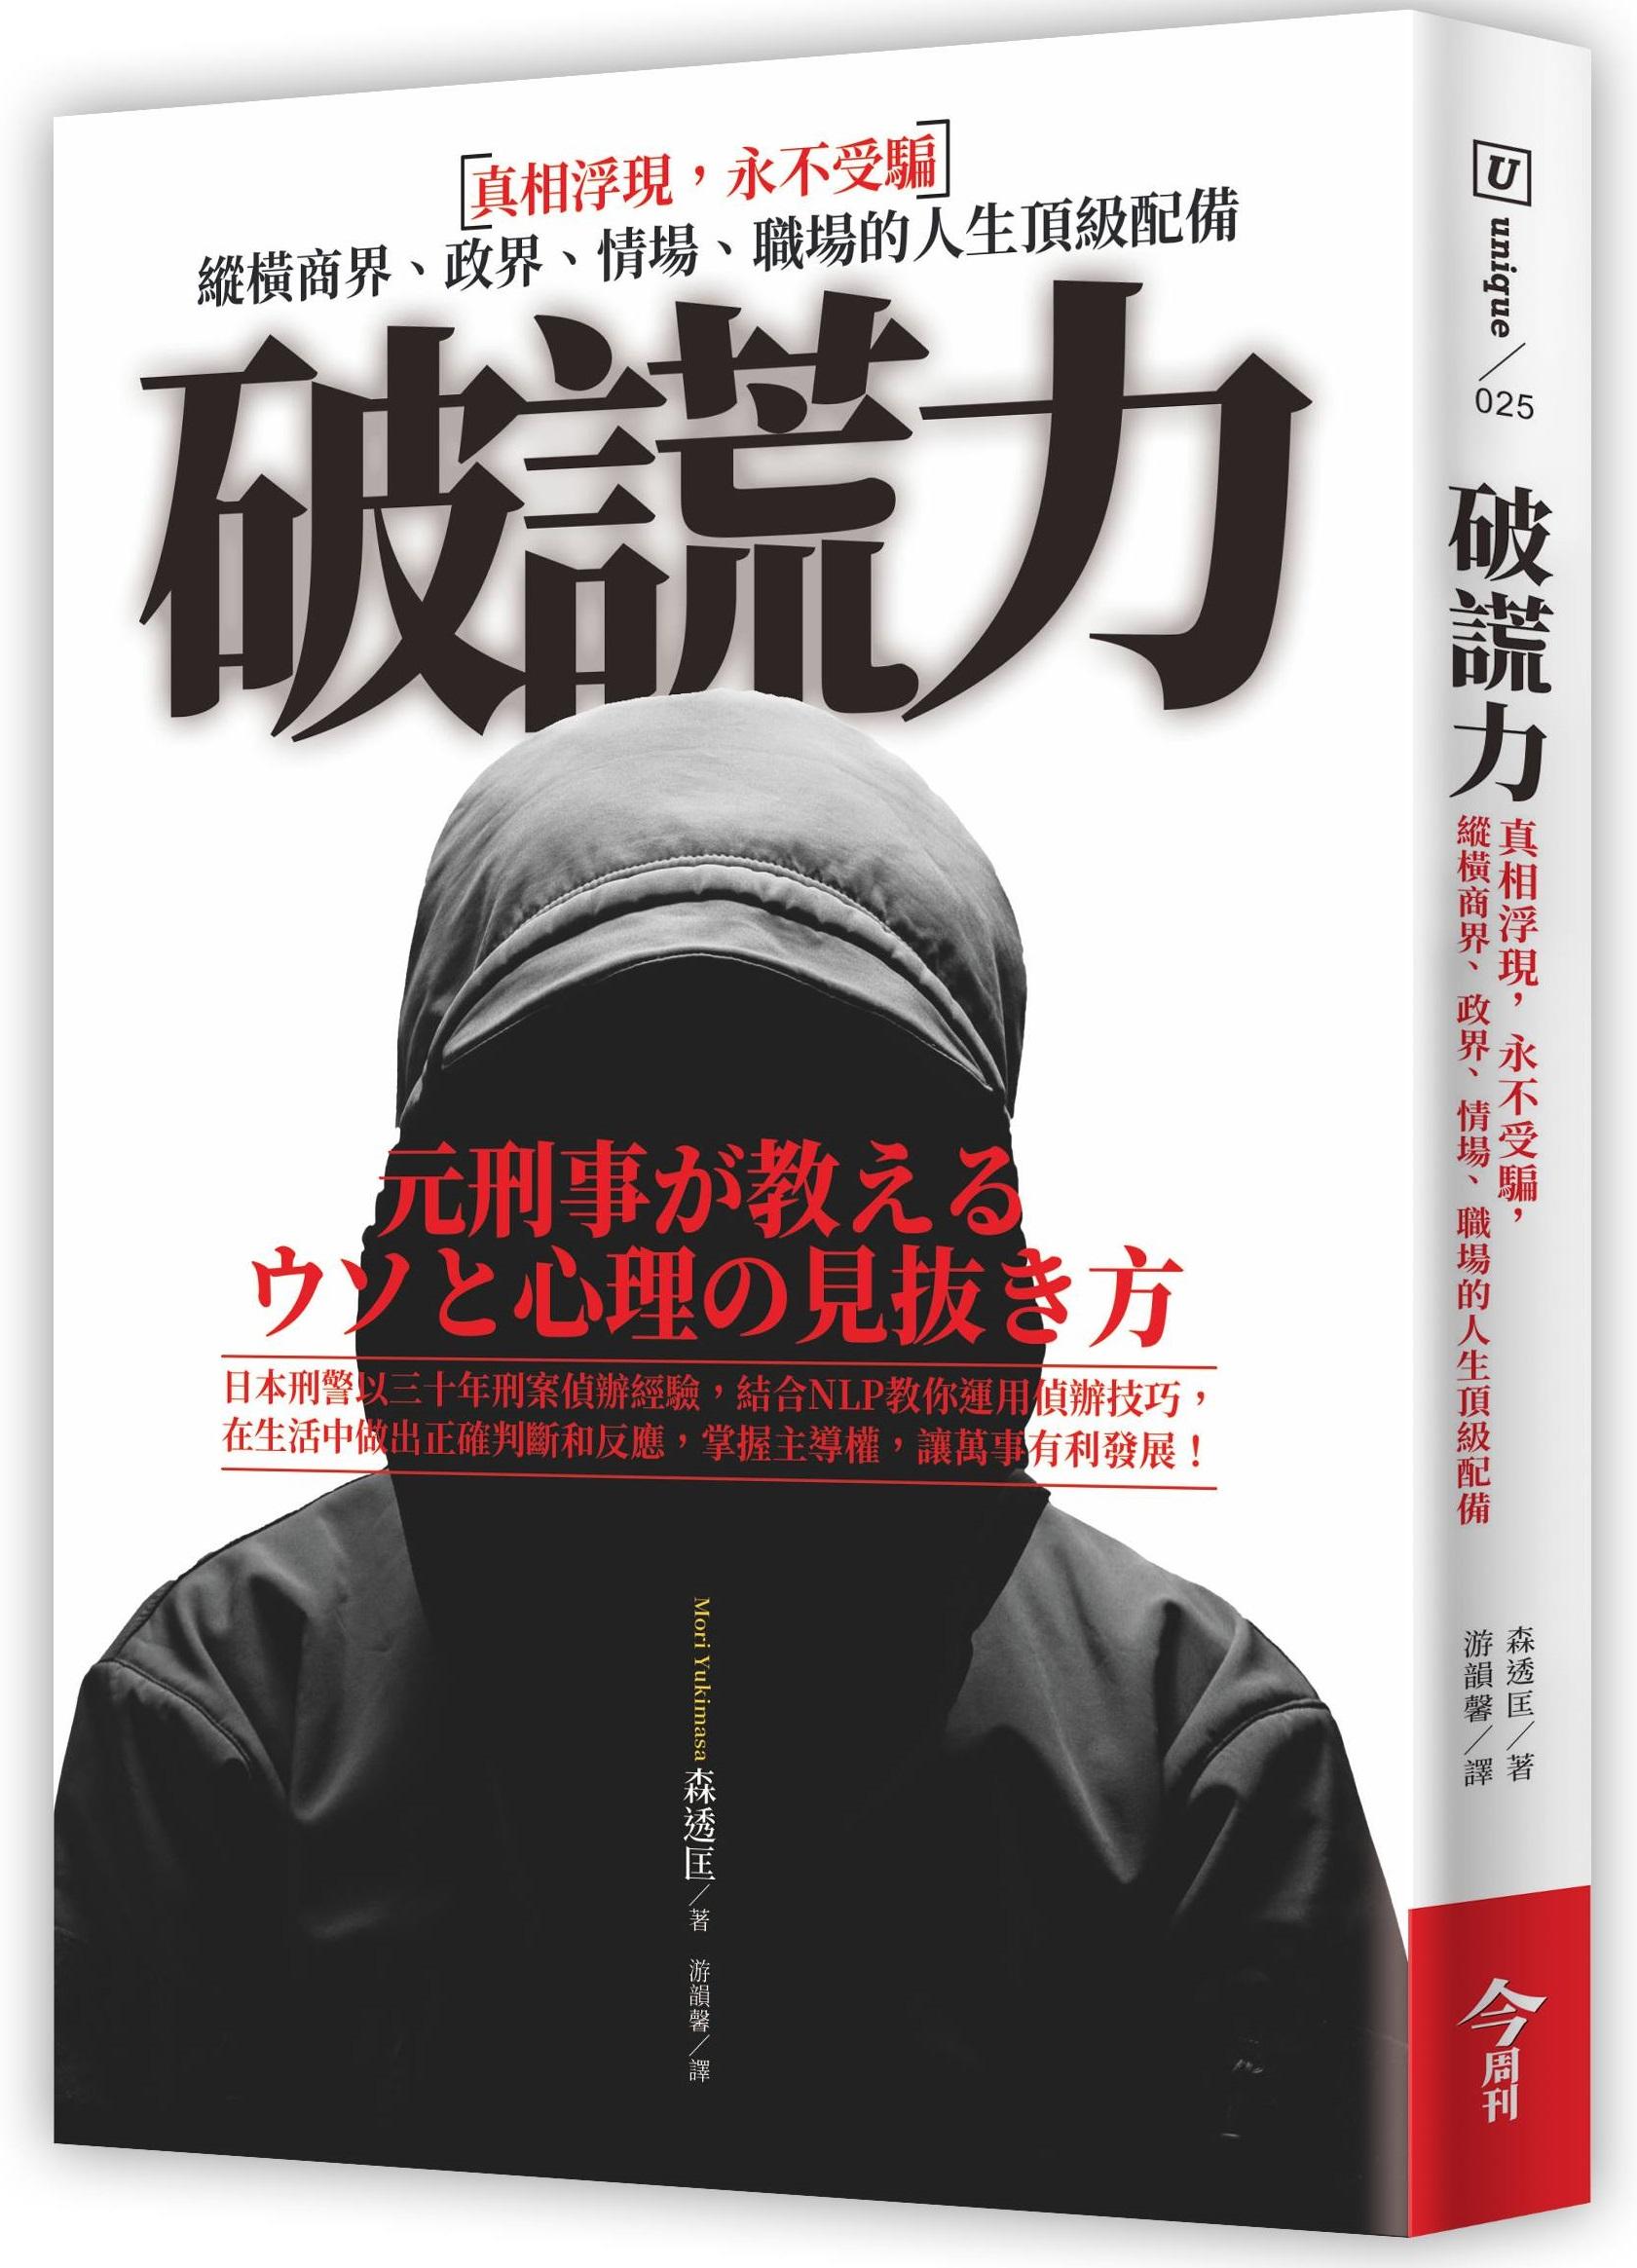 日本刑警告诉你哪些人最容易受骗!《破谎力》新书转载   妞书僮